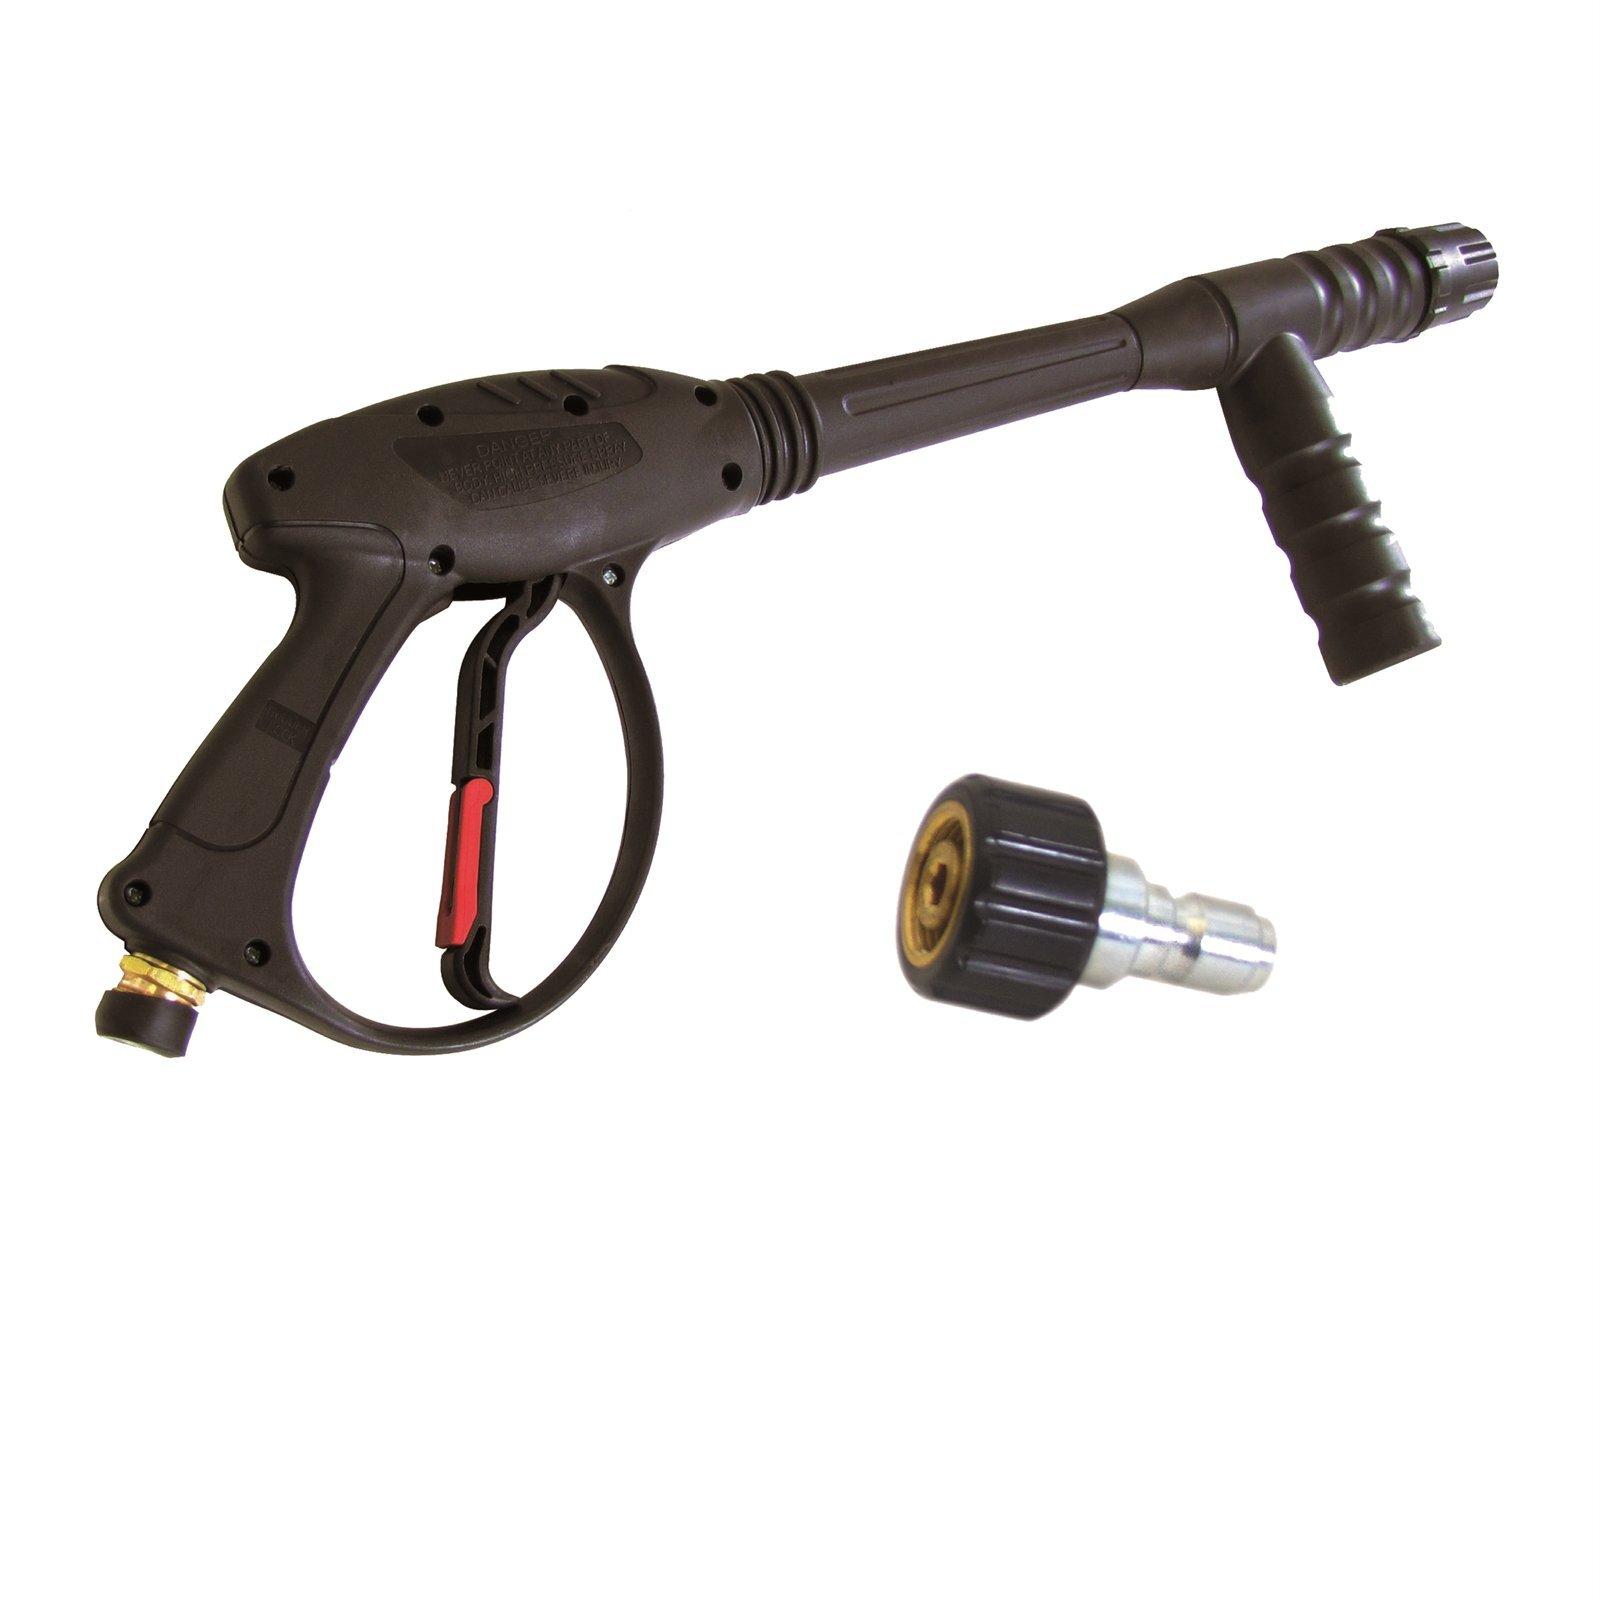 DeWALT 4500psi Spray Gun - Pressure Washer Accessory